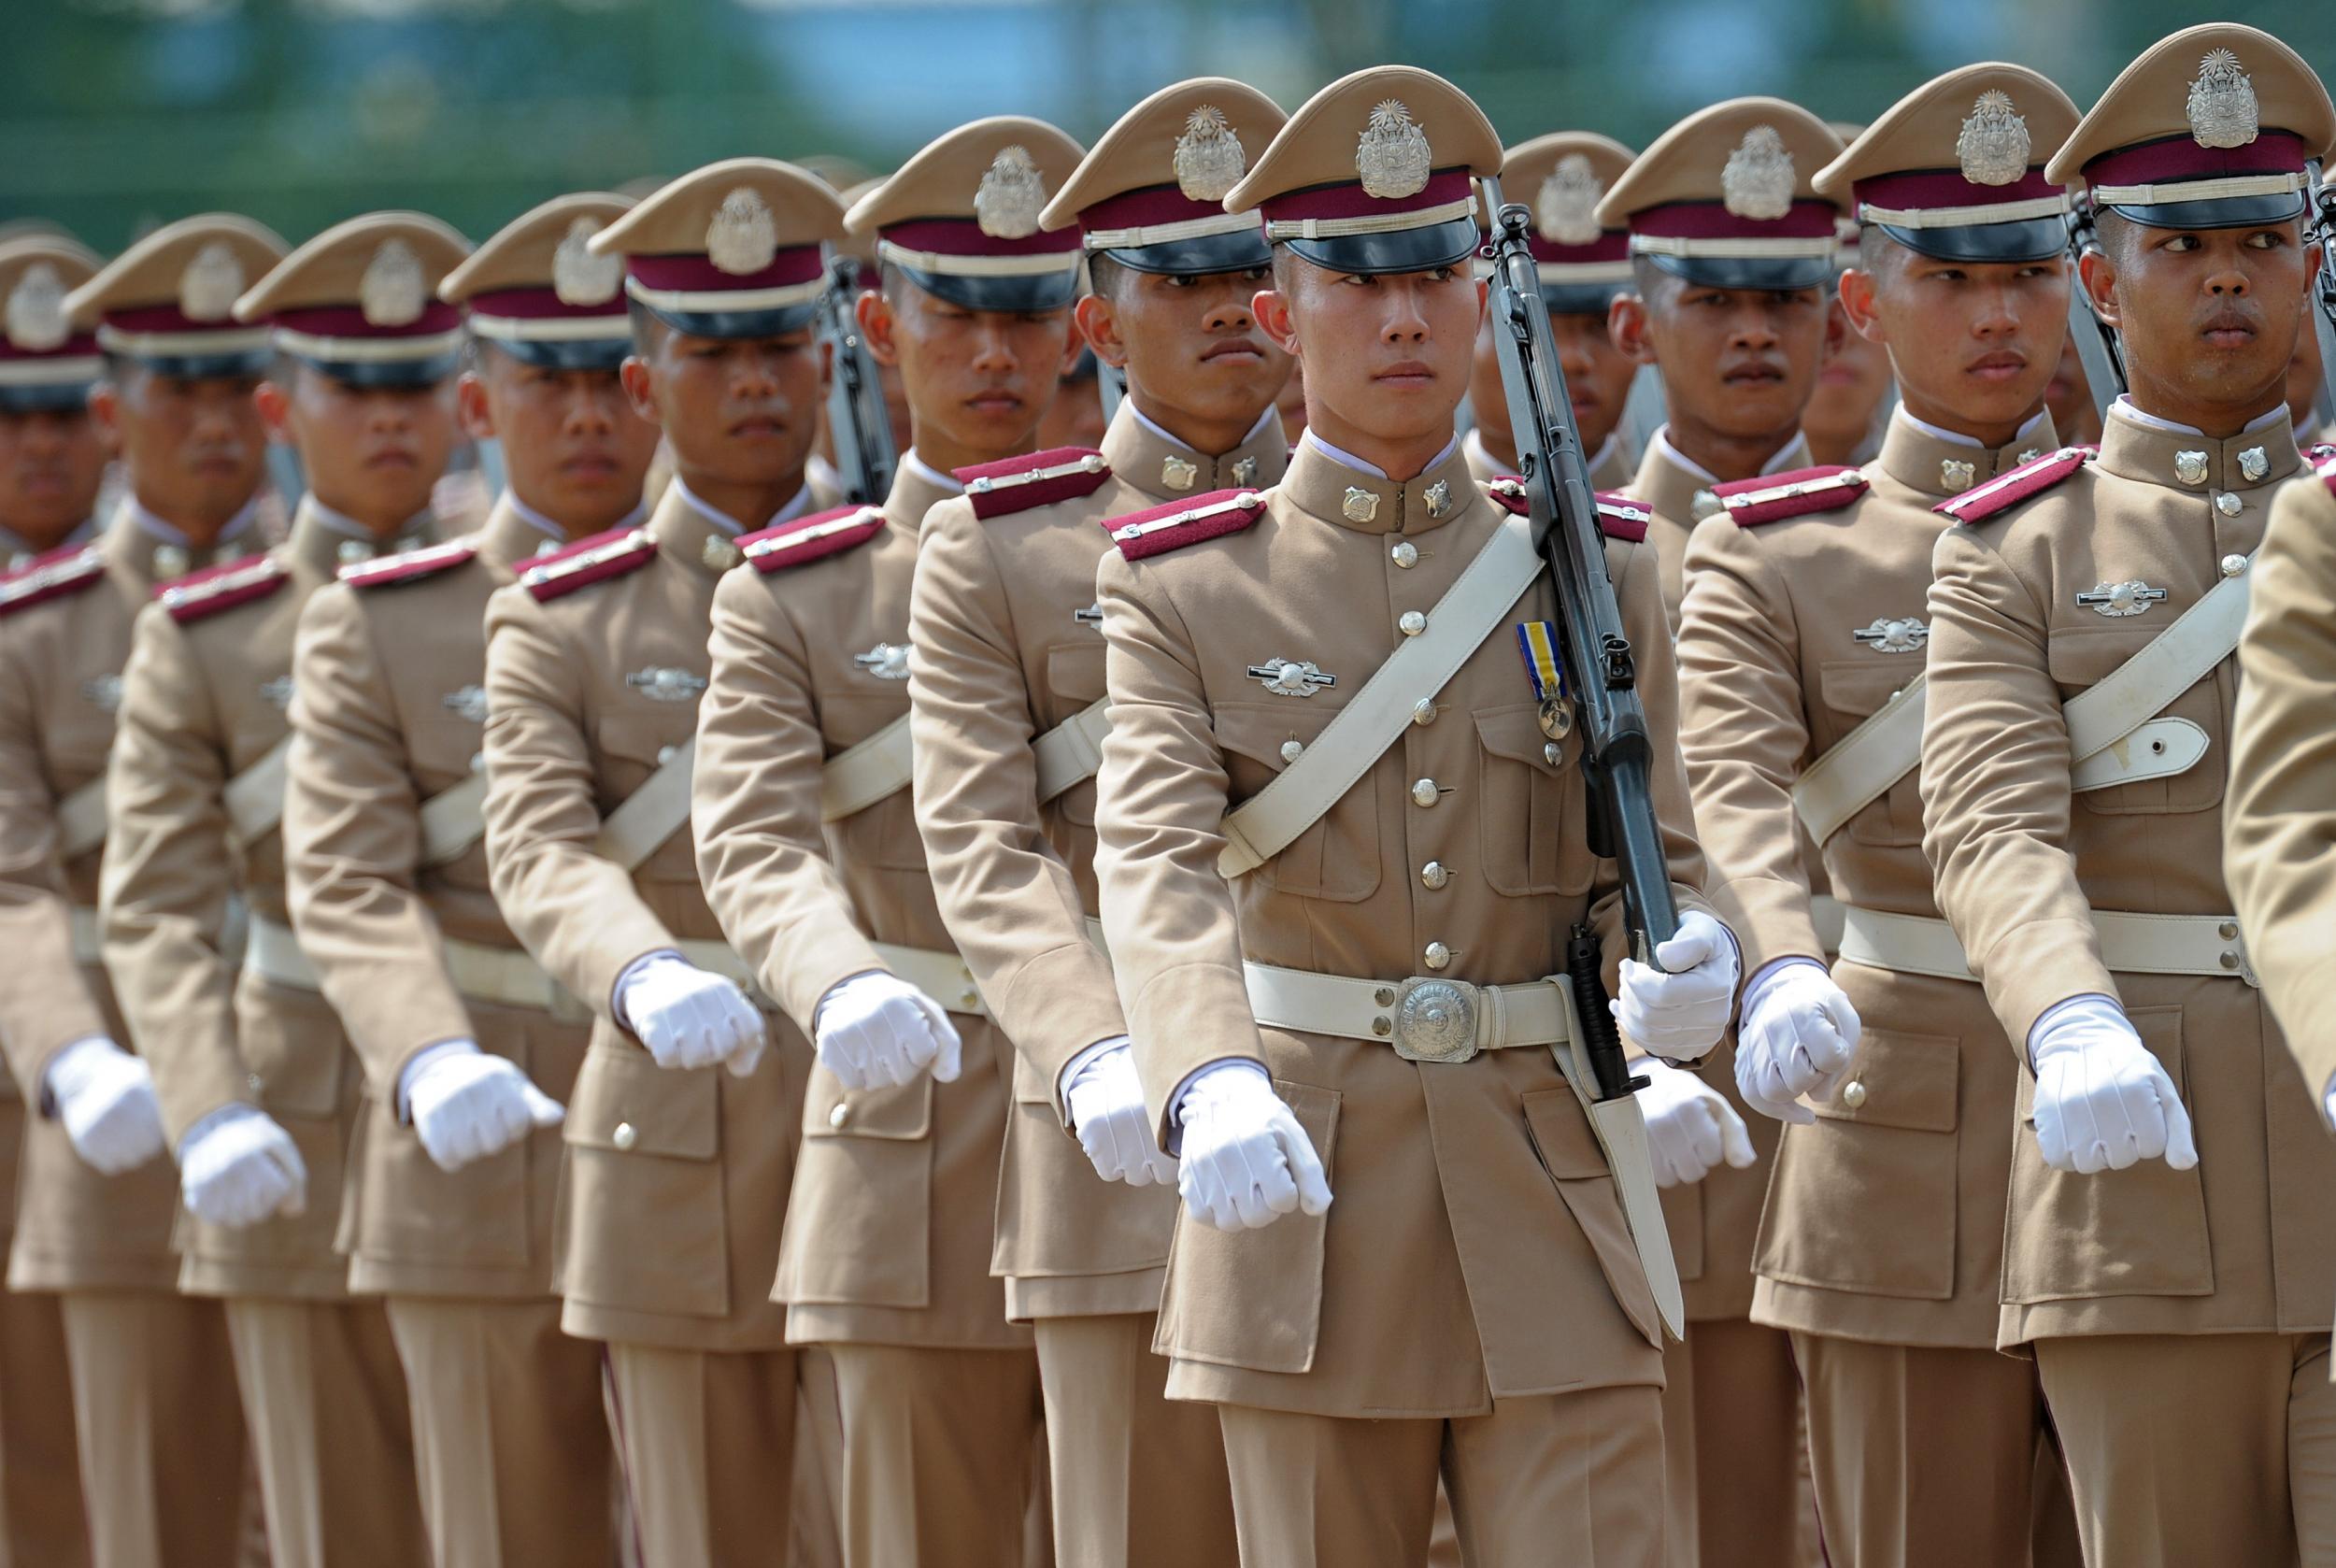 דברים שאסור לעשות בתאילנד